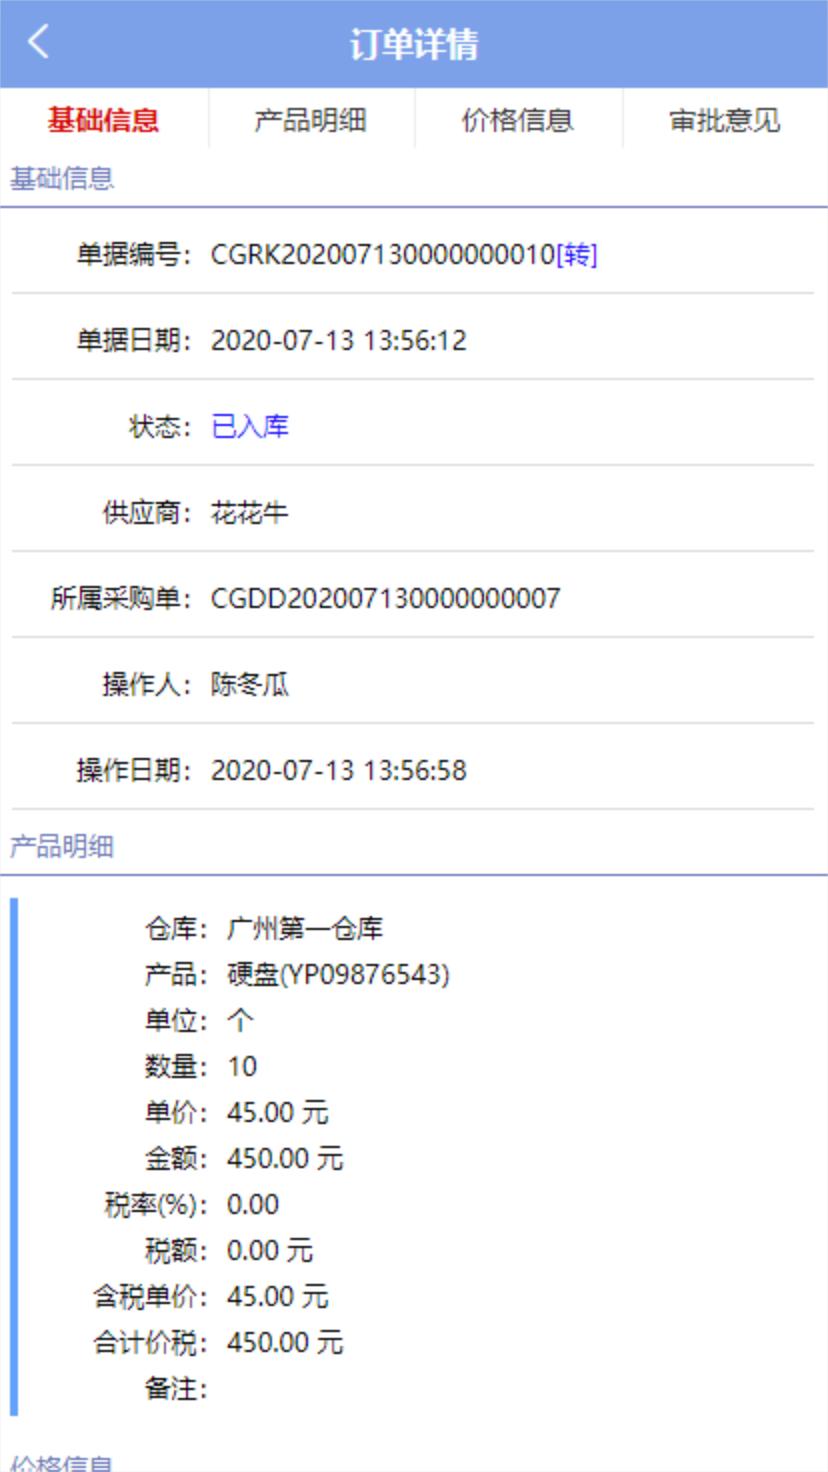 云办公系统 skyeye v3.3.5 发布,ERP 手机端更新